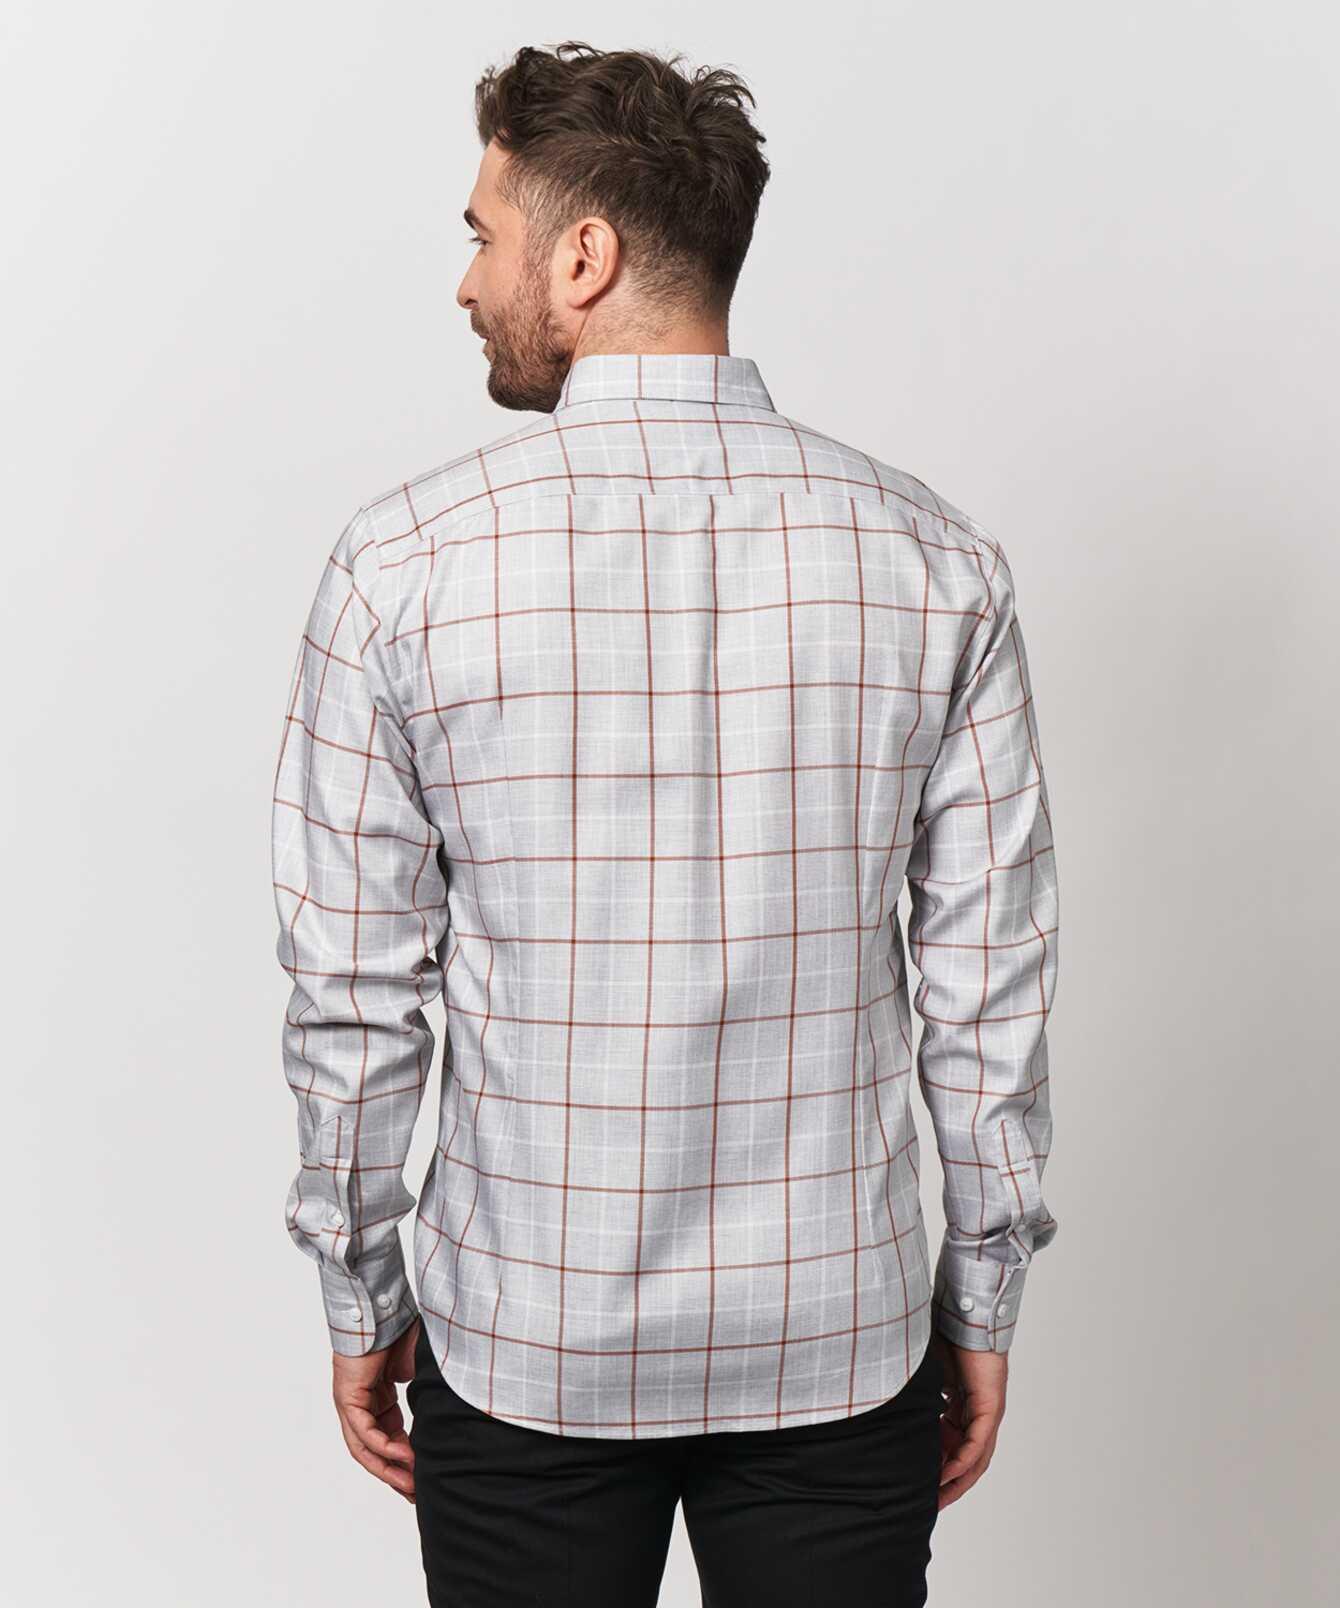 Skjorta Lincoln Brun Extra Lång Ärm The Shirt Factory